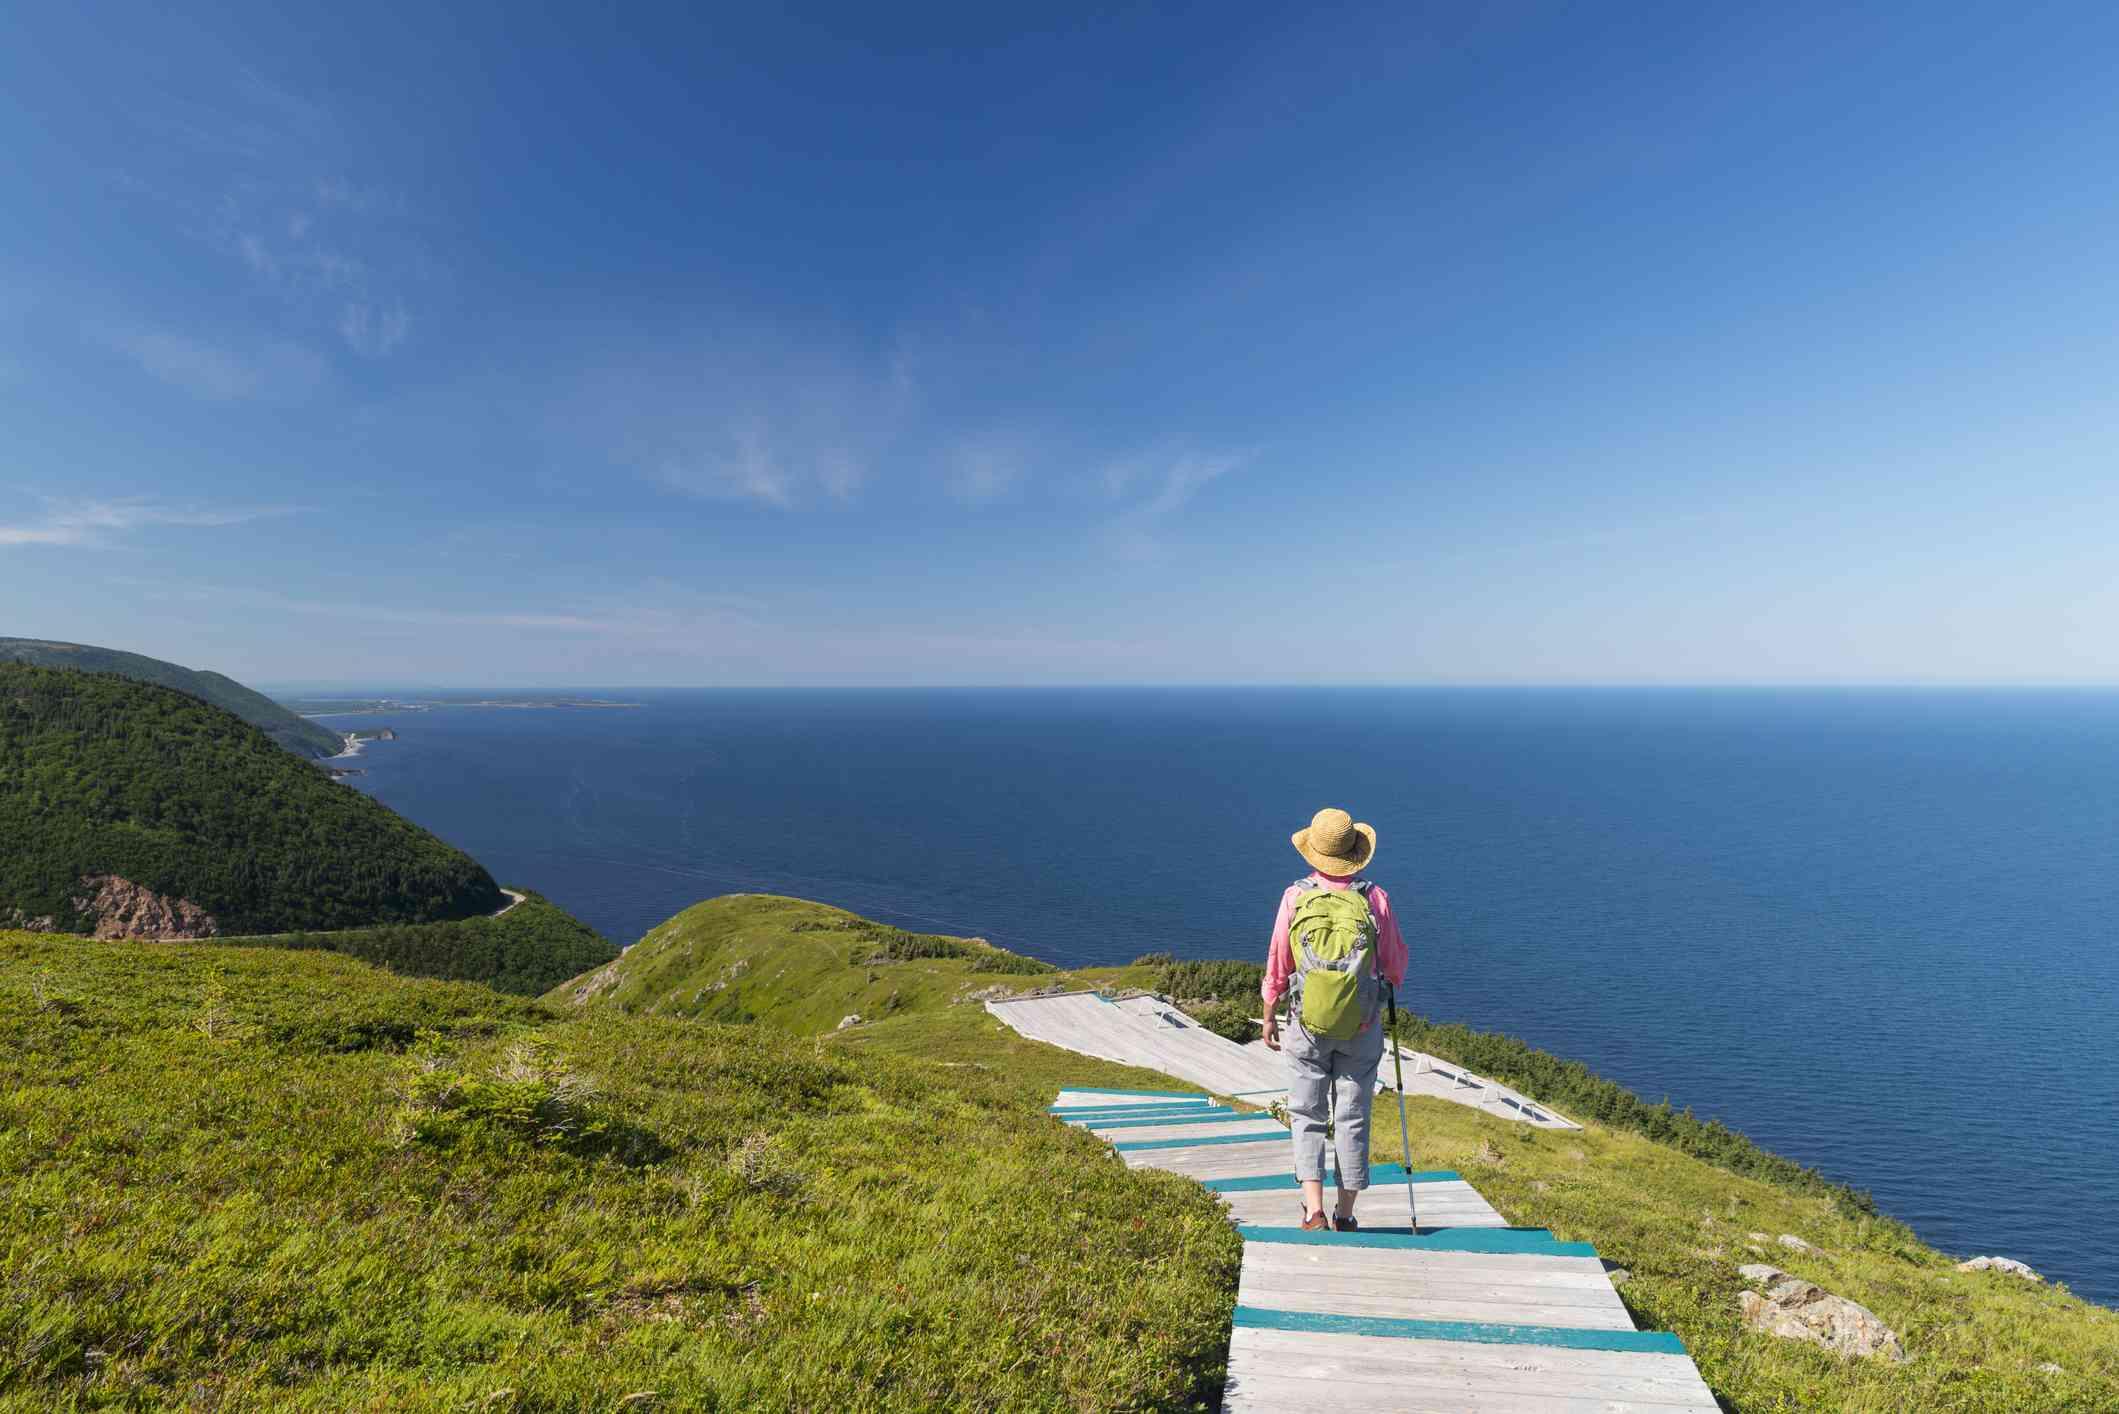 Hiker walking along Cabot Trail boardwalk overlooking water